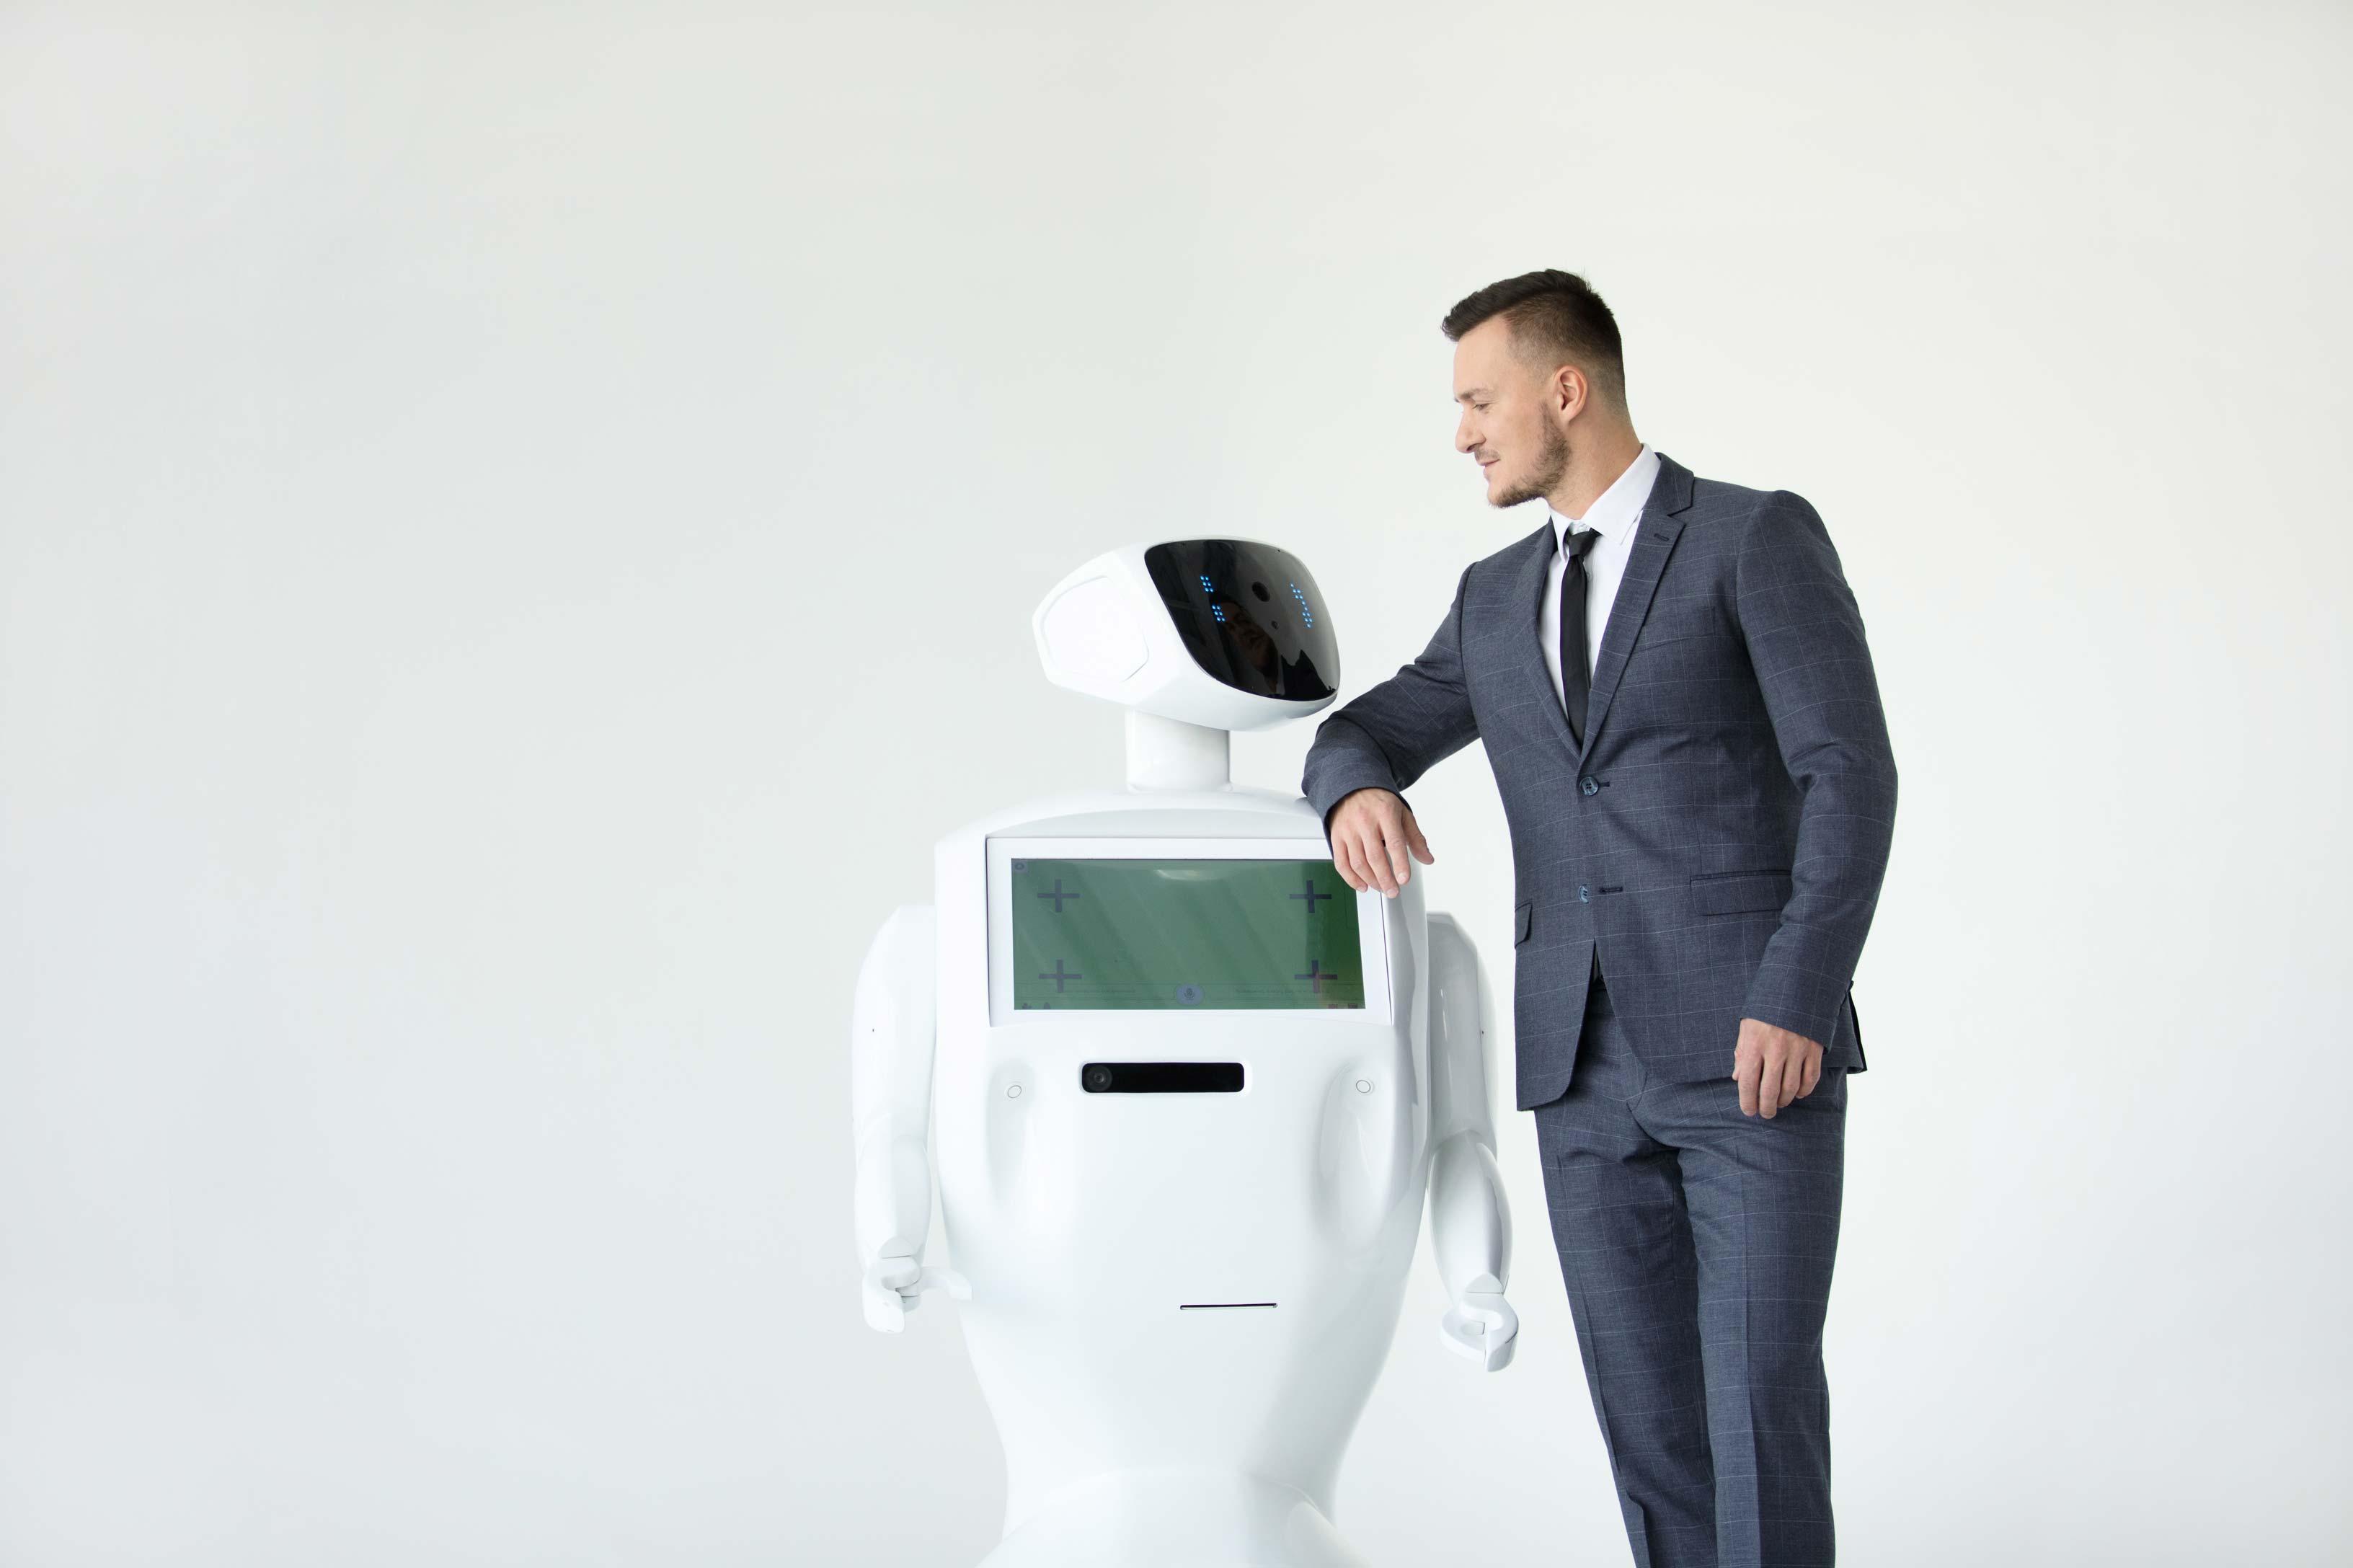 Accompagner la robotisation de l'économie